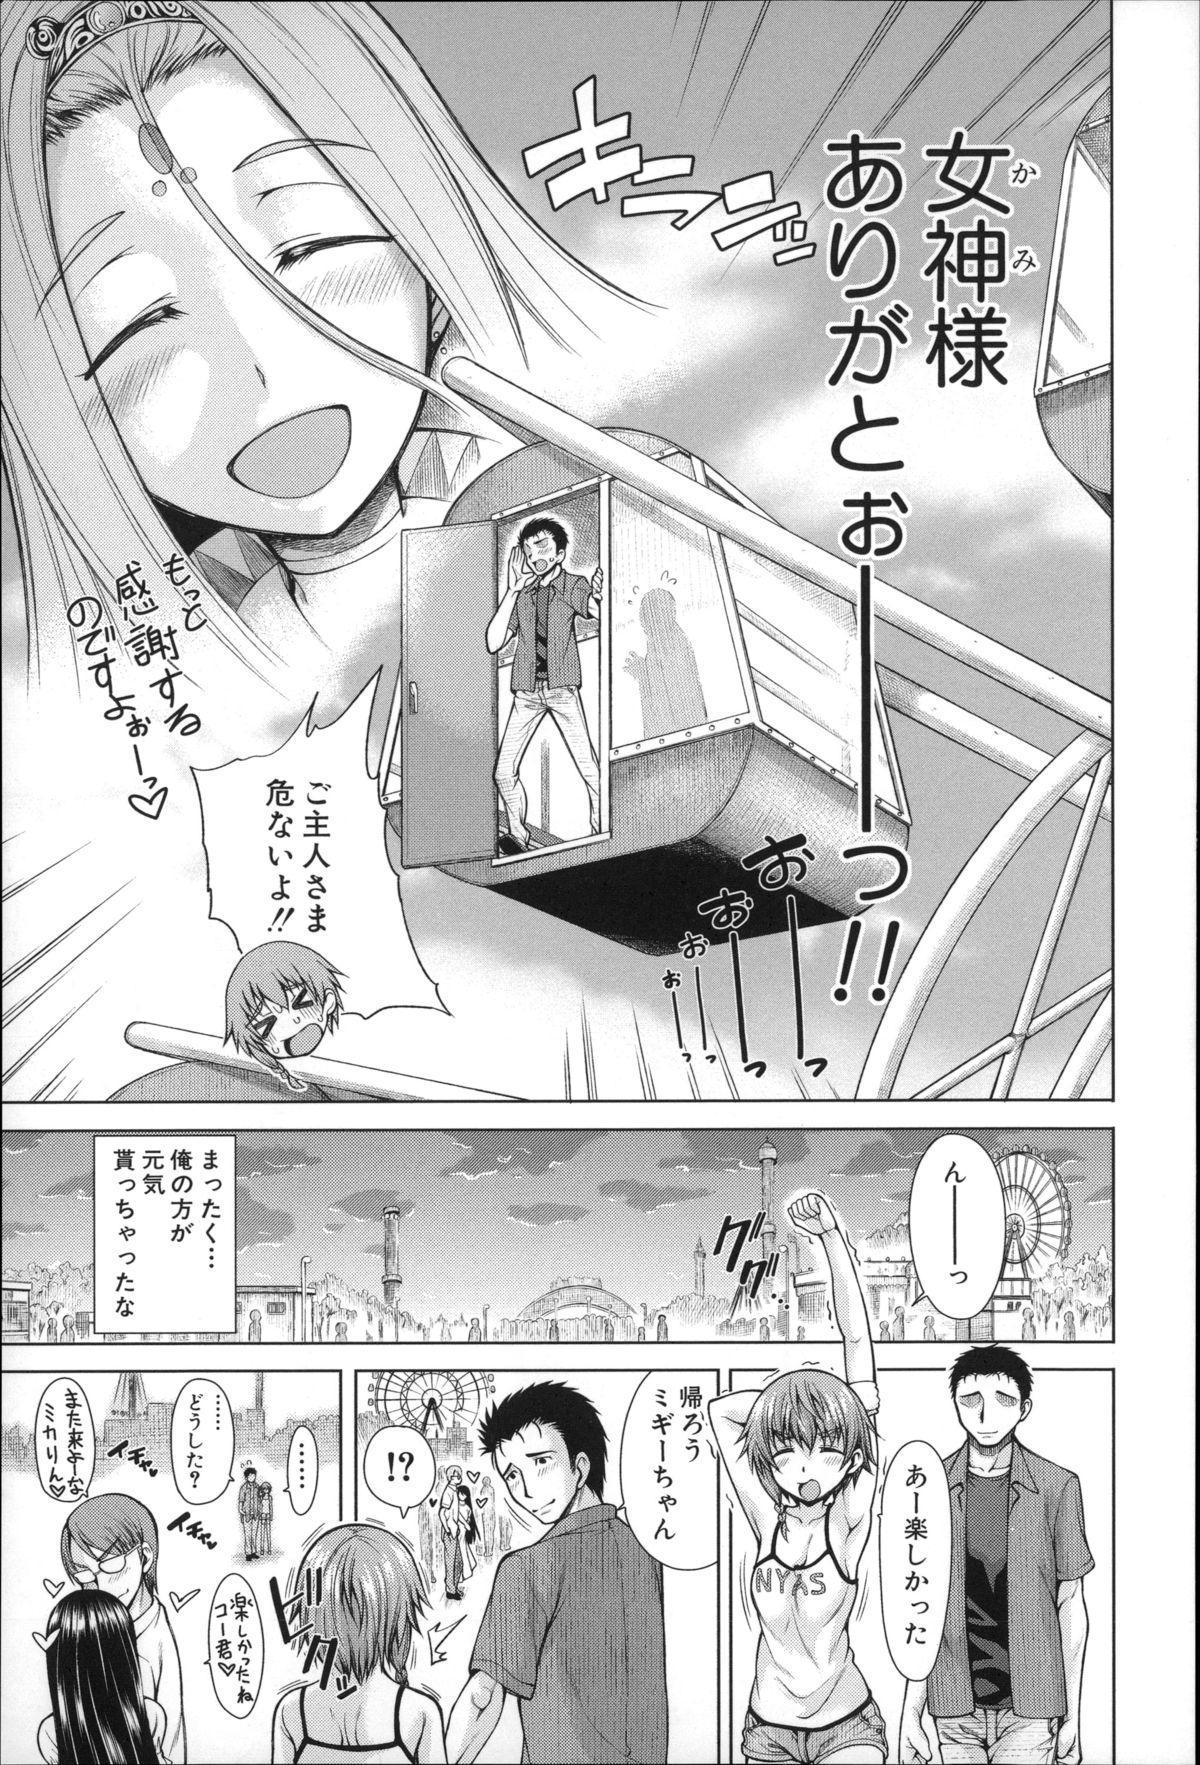 Migite ga Bishoujo ni Natta kara Sex Shita kedo Doutei dayone!! 43